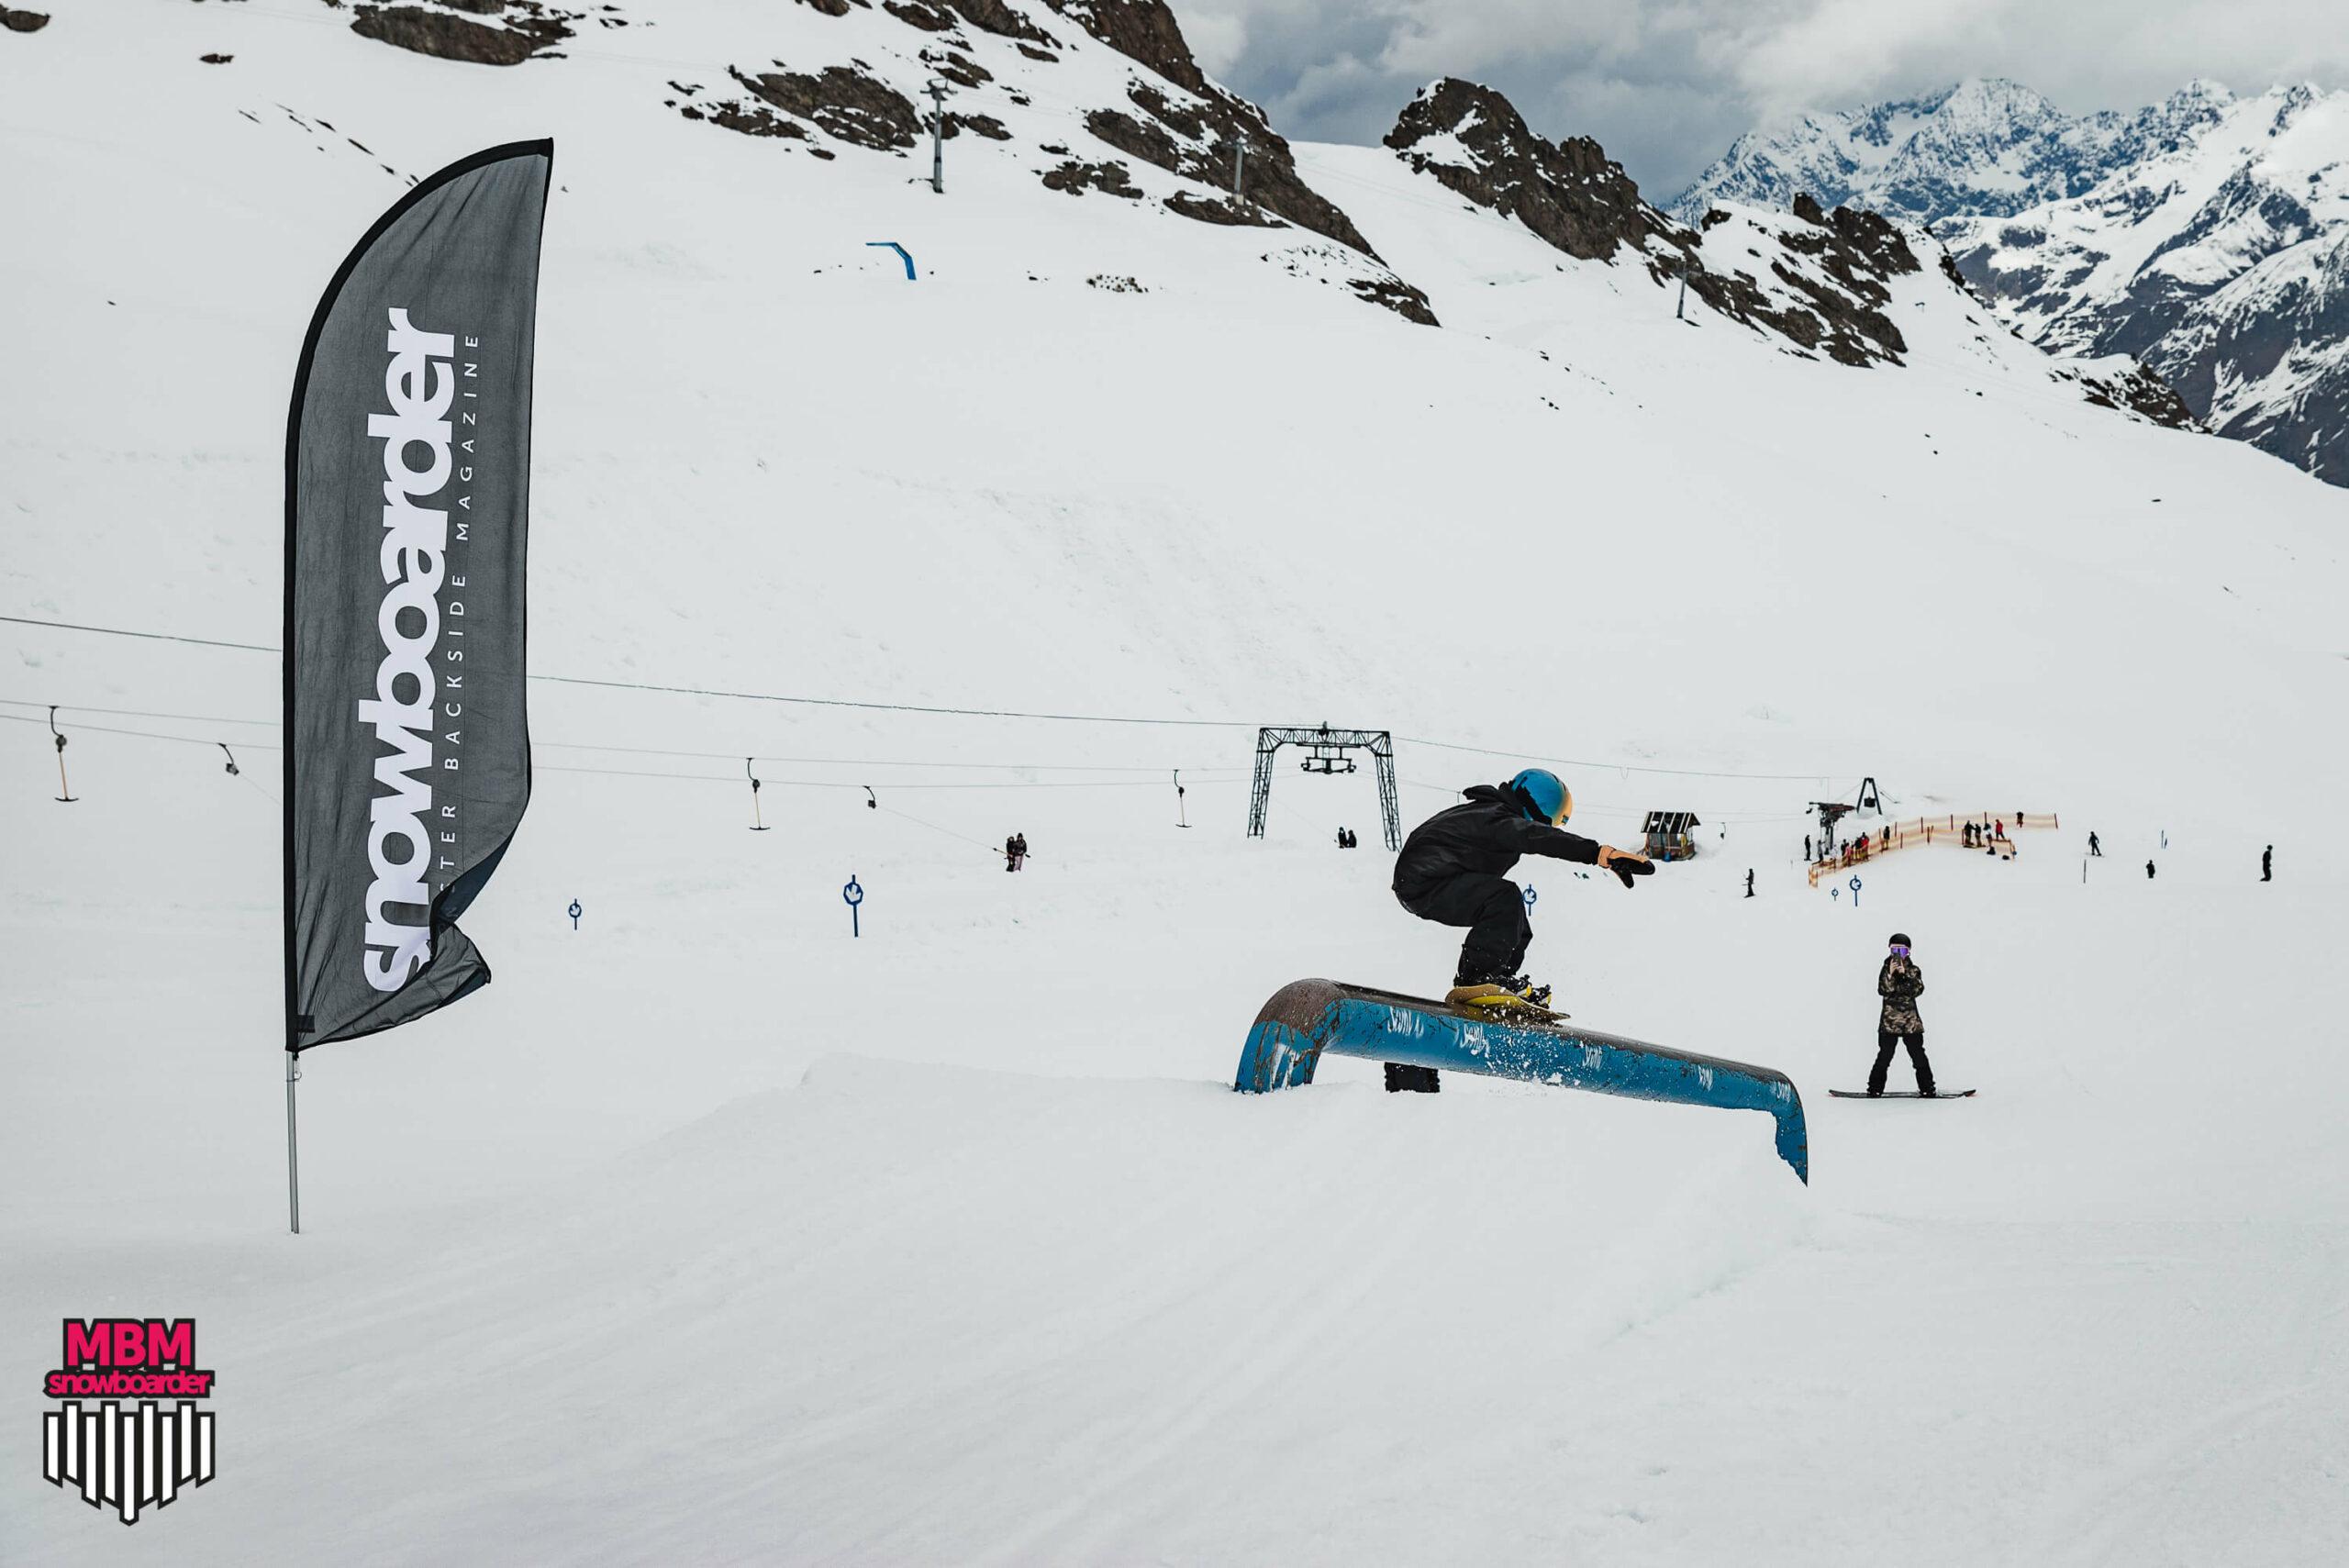 snowboarderMBM_sd_kaunertal_056